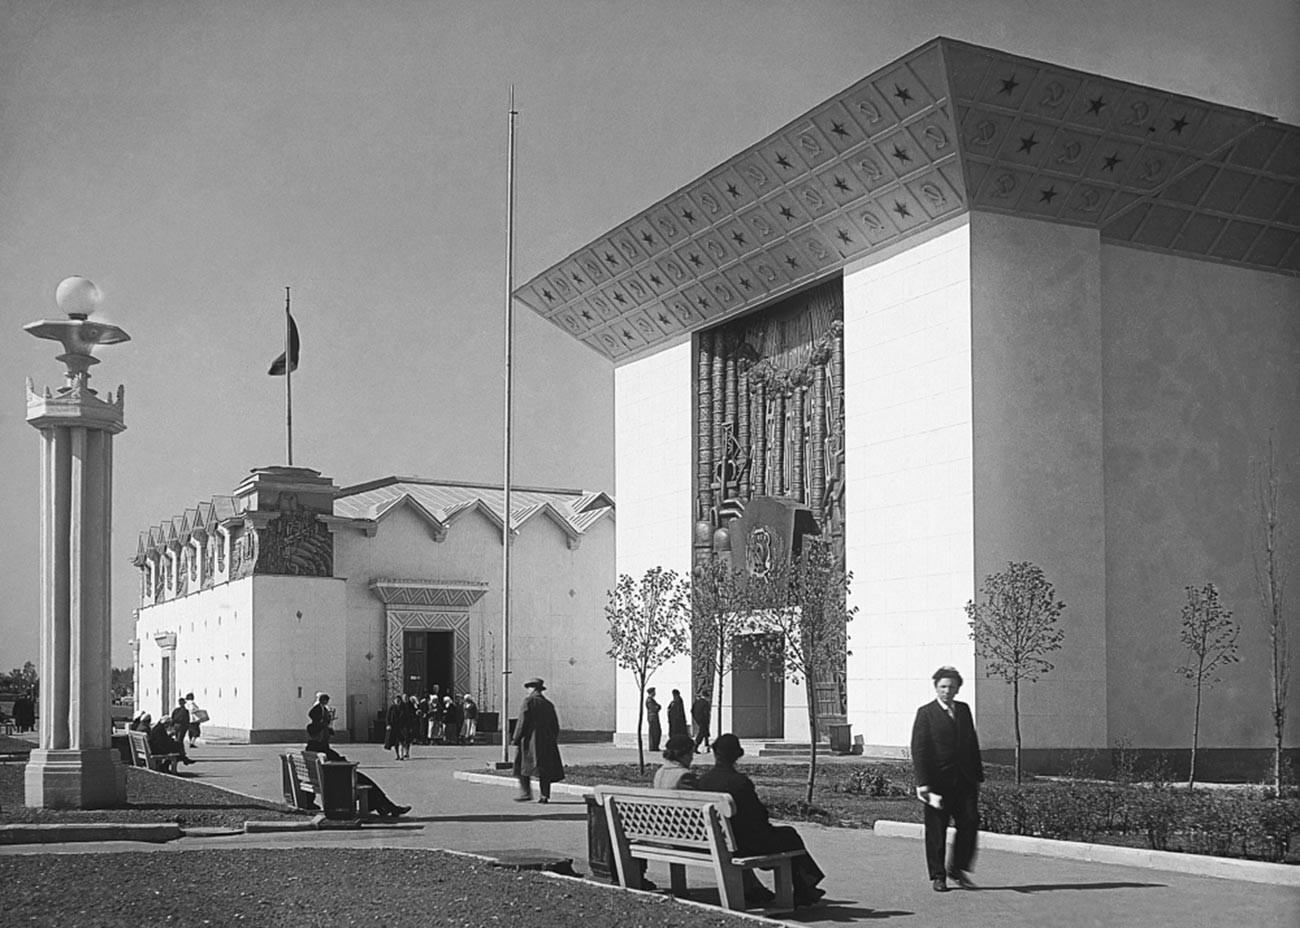 Наум Грановски. Изложба на достигнувањата на народното стопанство, Павилјон на централните области на Руската советска федеративна социјалистичка република, 1939 година.